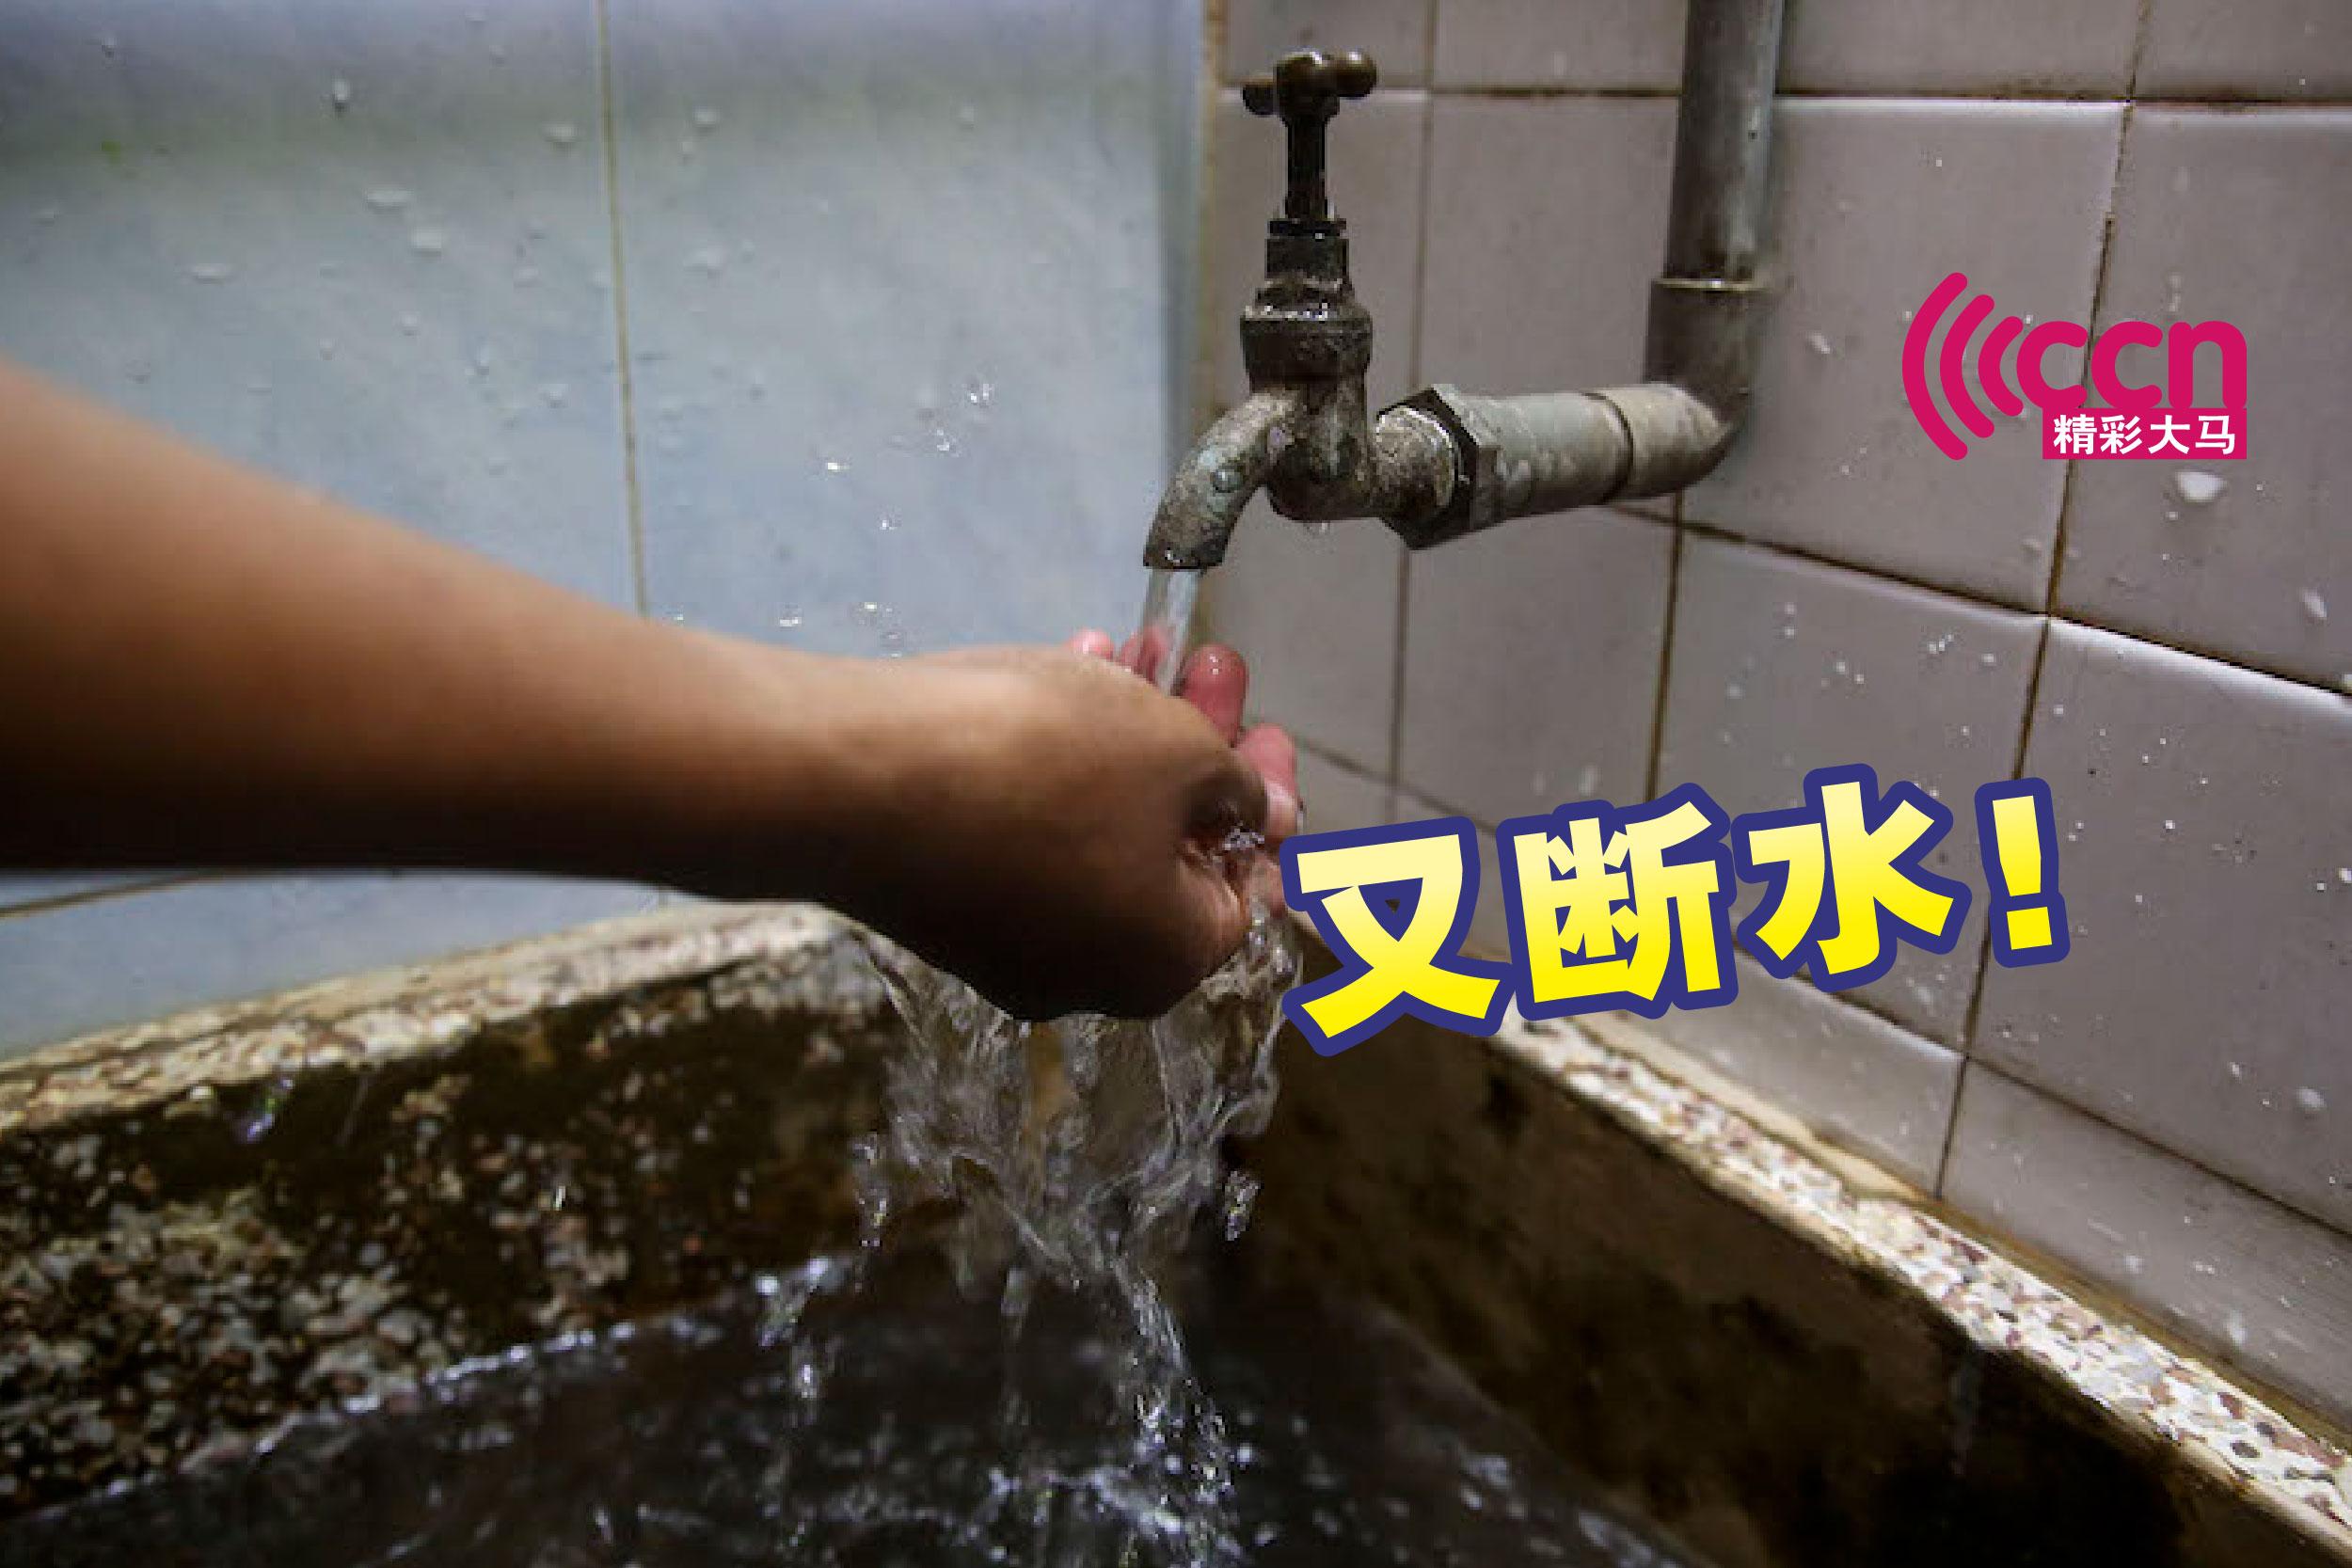 由于4个滤水站停止操作,使到吉隆坡、八打灵、巴生/沙亚南、瓜雪、乌雪、鹅唛及瓜冷共1292地区断水,受影响用户高达119万6457人。-Yusof Mat Isa摄-